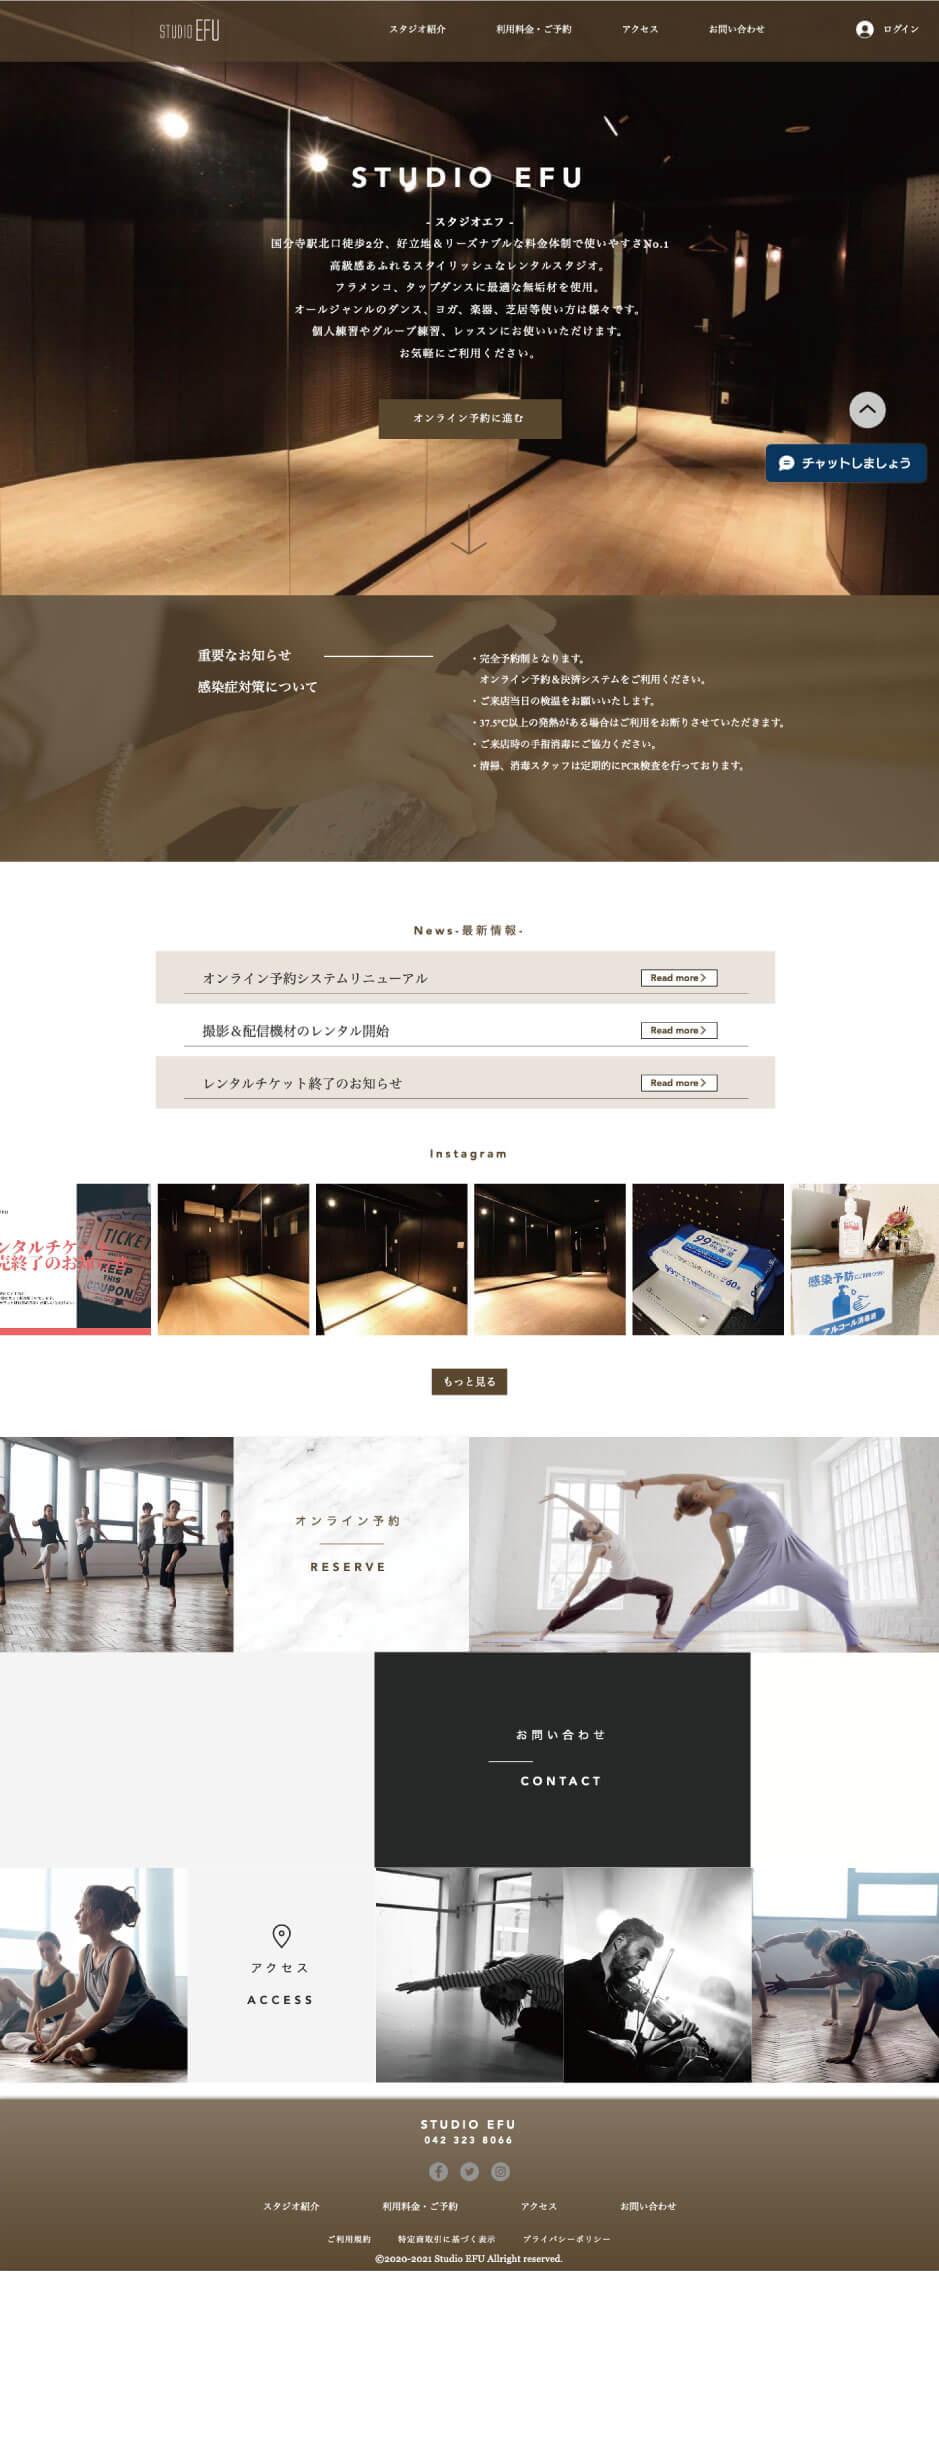 スタジオエフ様ウェブサイト、PC版